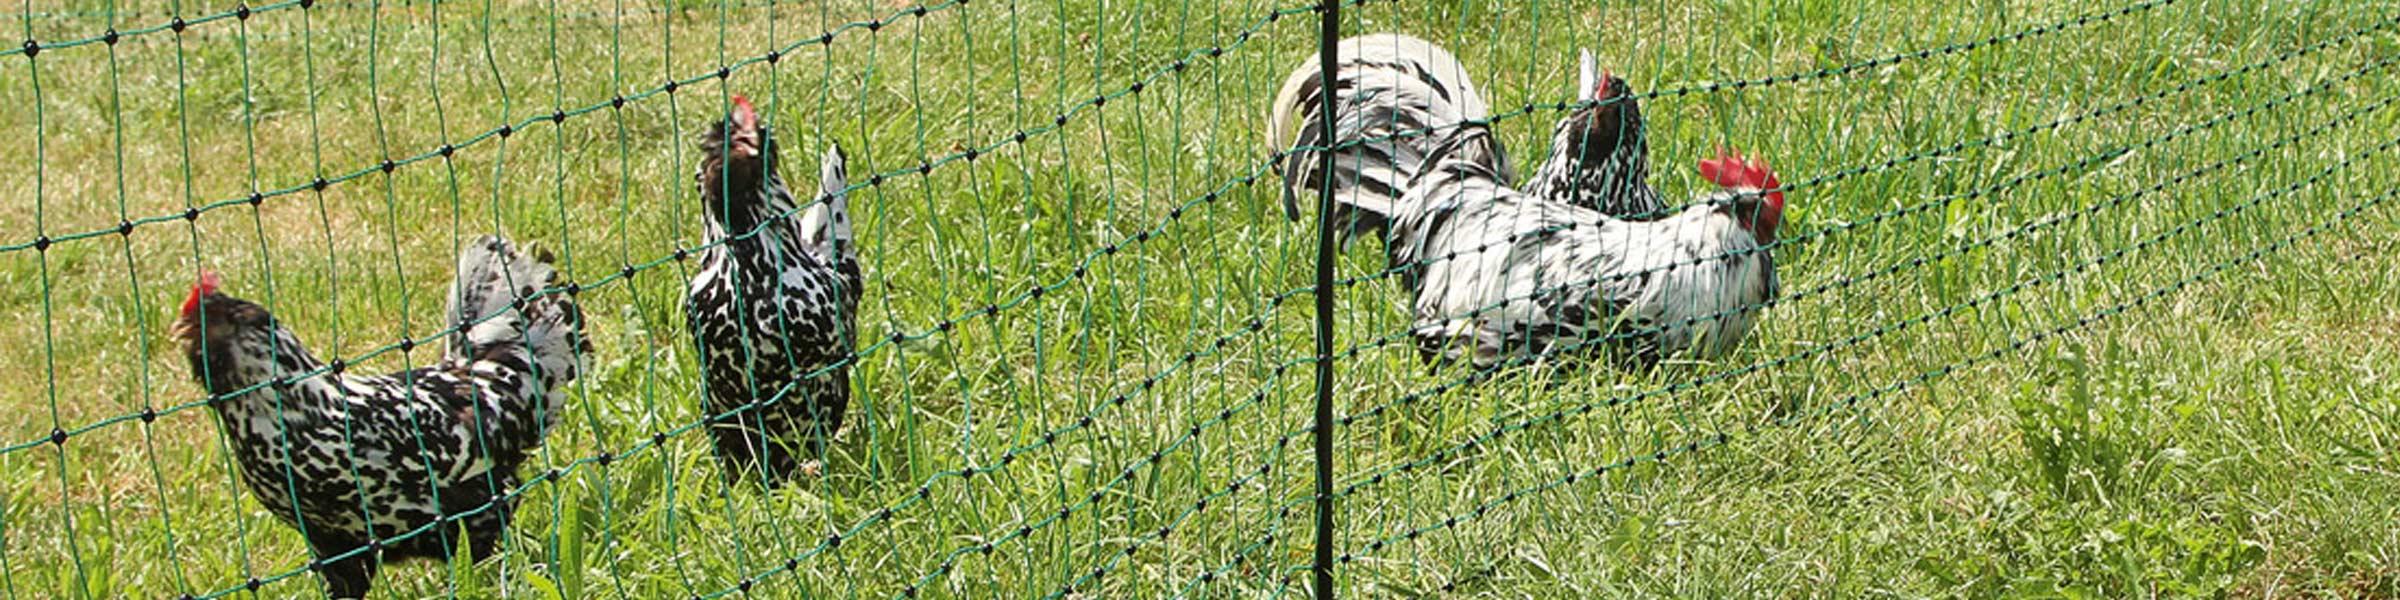 Der Huhnerstall Fur Ihren Garten Jetzt Online Kaufen Dehner